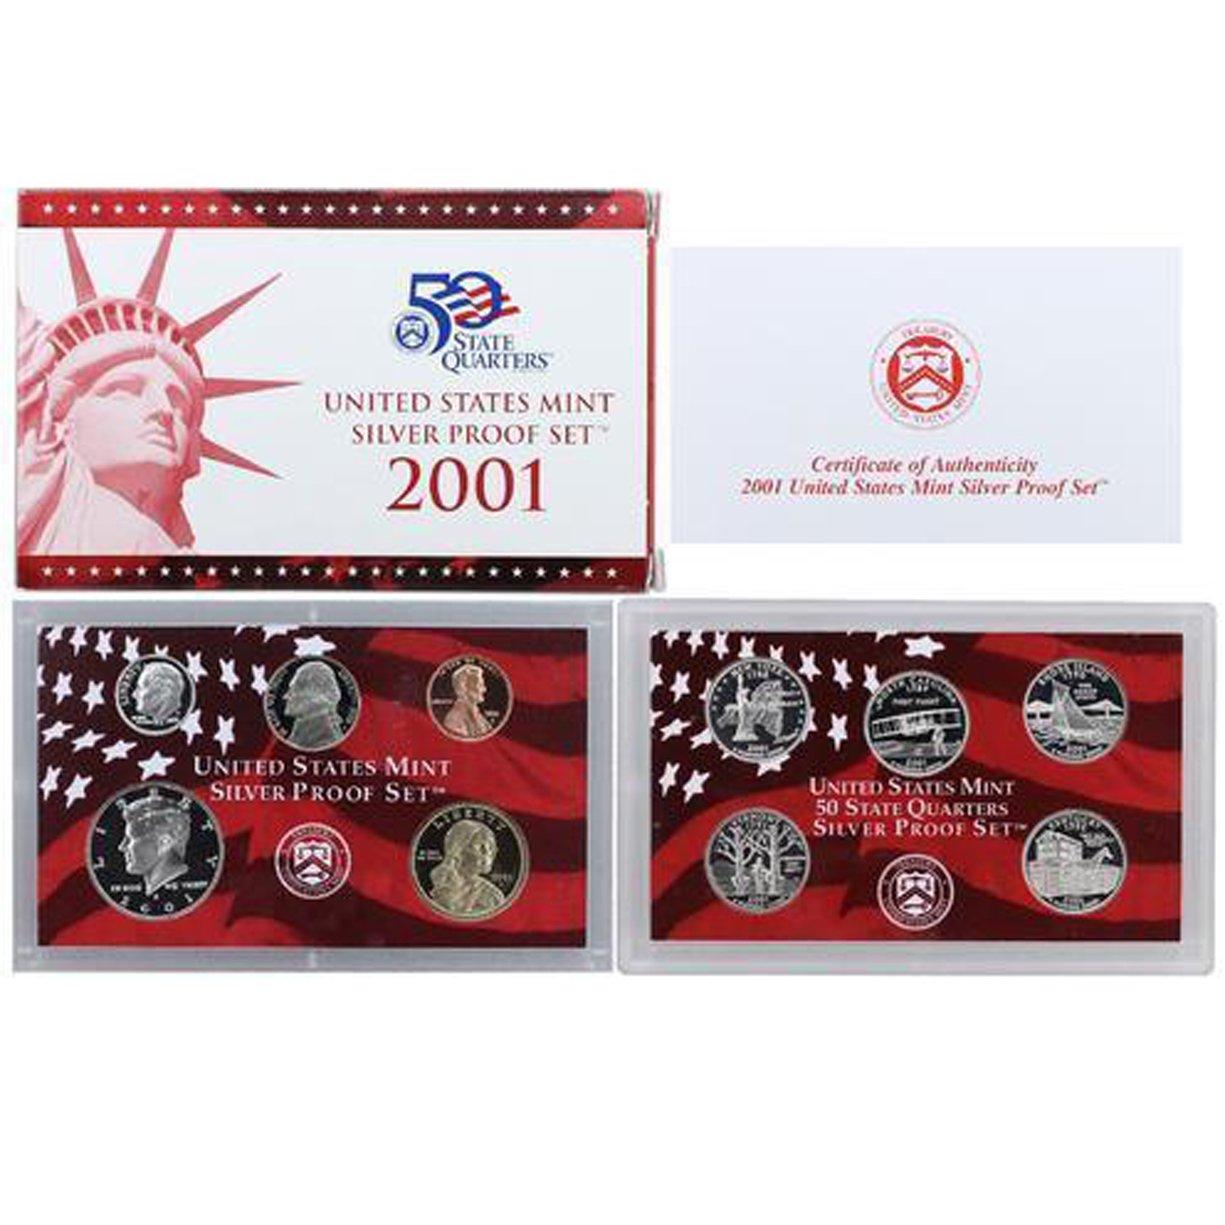 2001  U.S Mint Made STATE QUARTERS Proof Set in original BLUE box